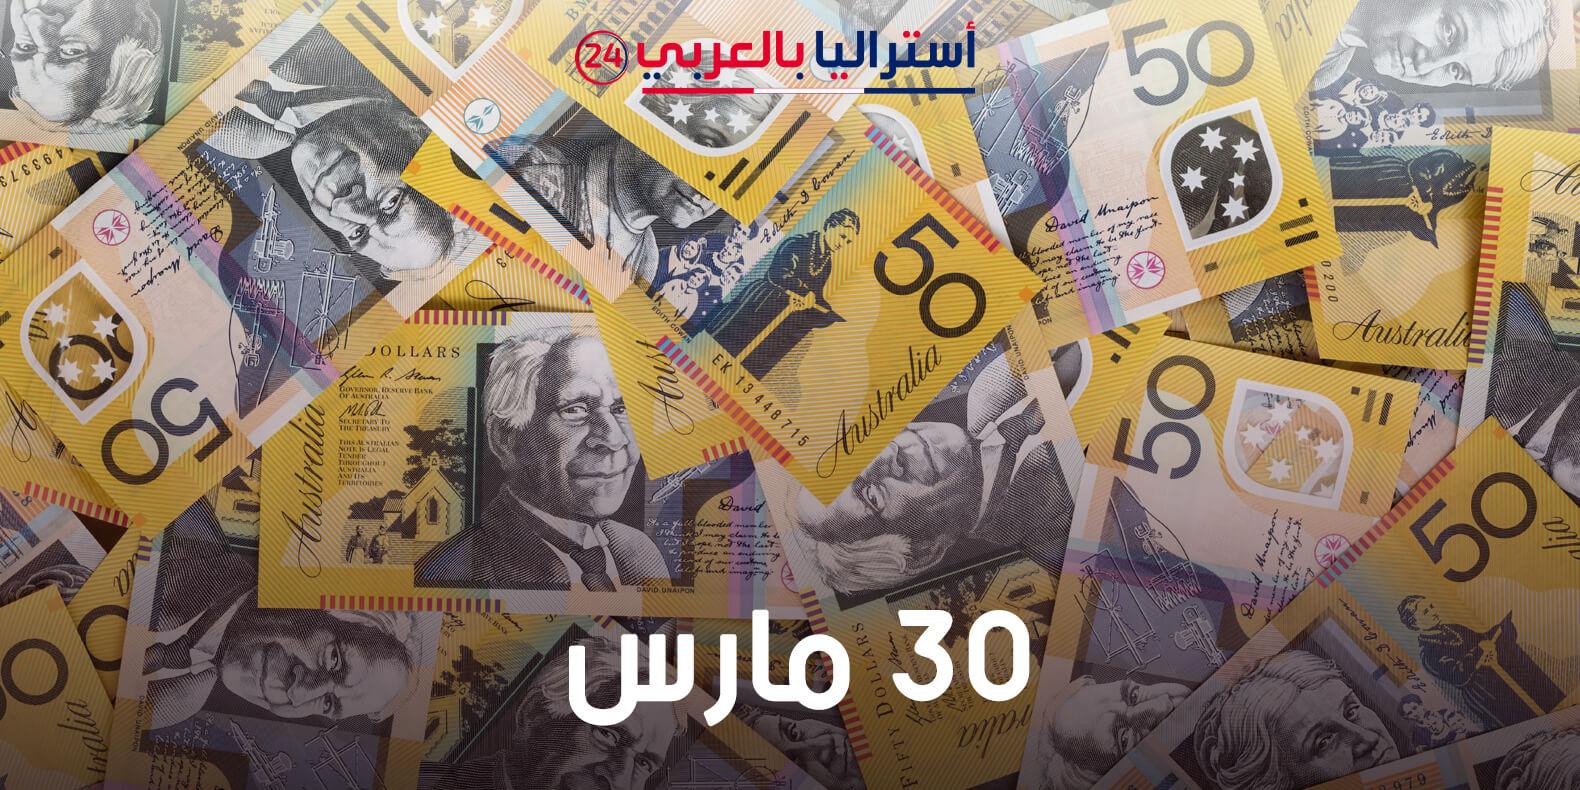 سعر الدولار الاسترالي مقابل العملات العالمية والعربية 30 مارس